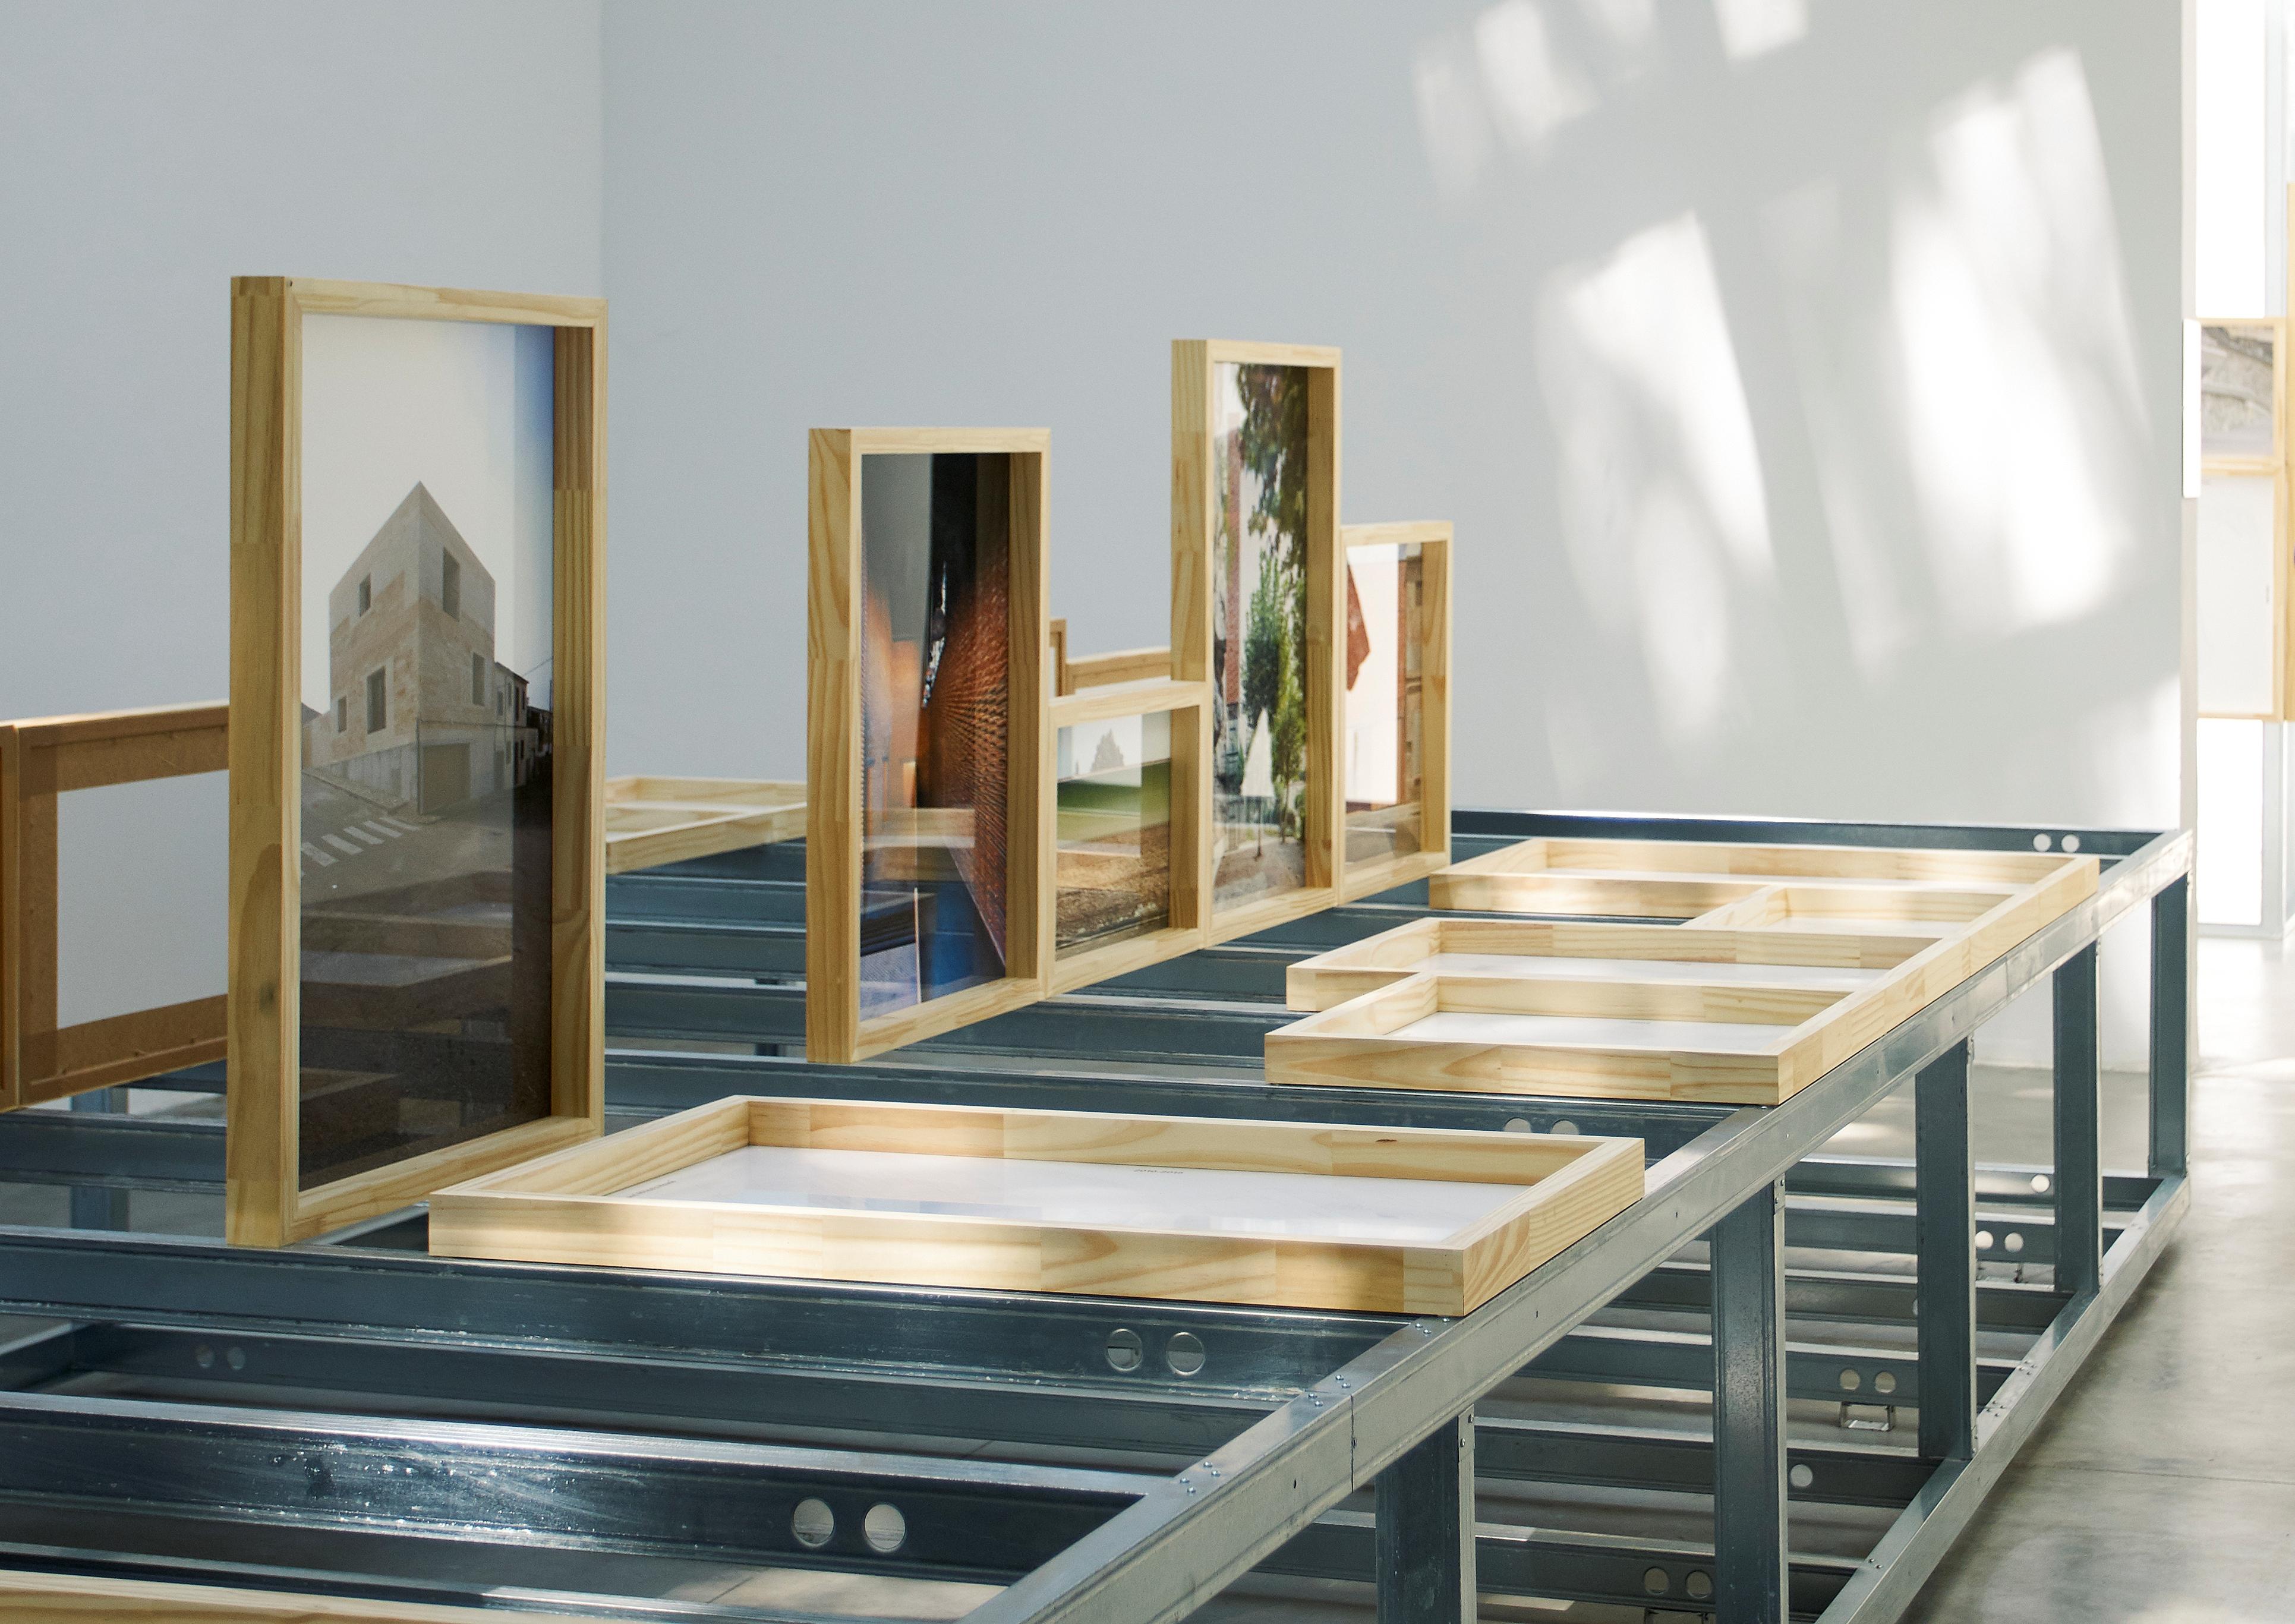 Pabellón de España Bienal de Venecia